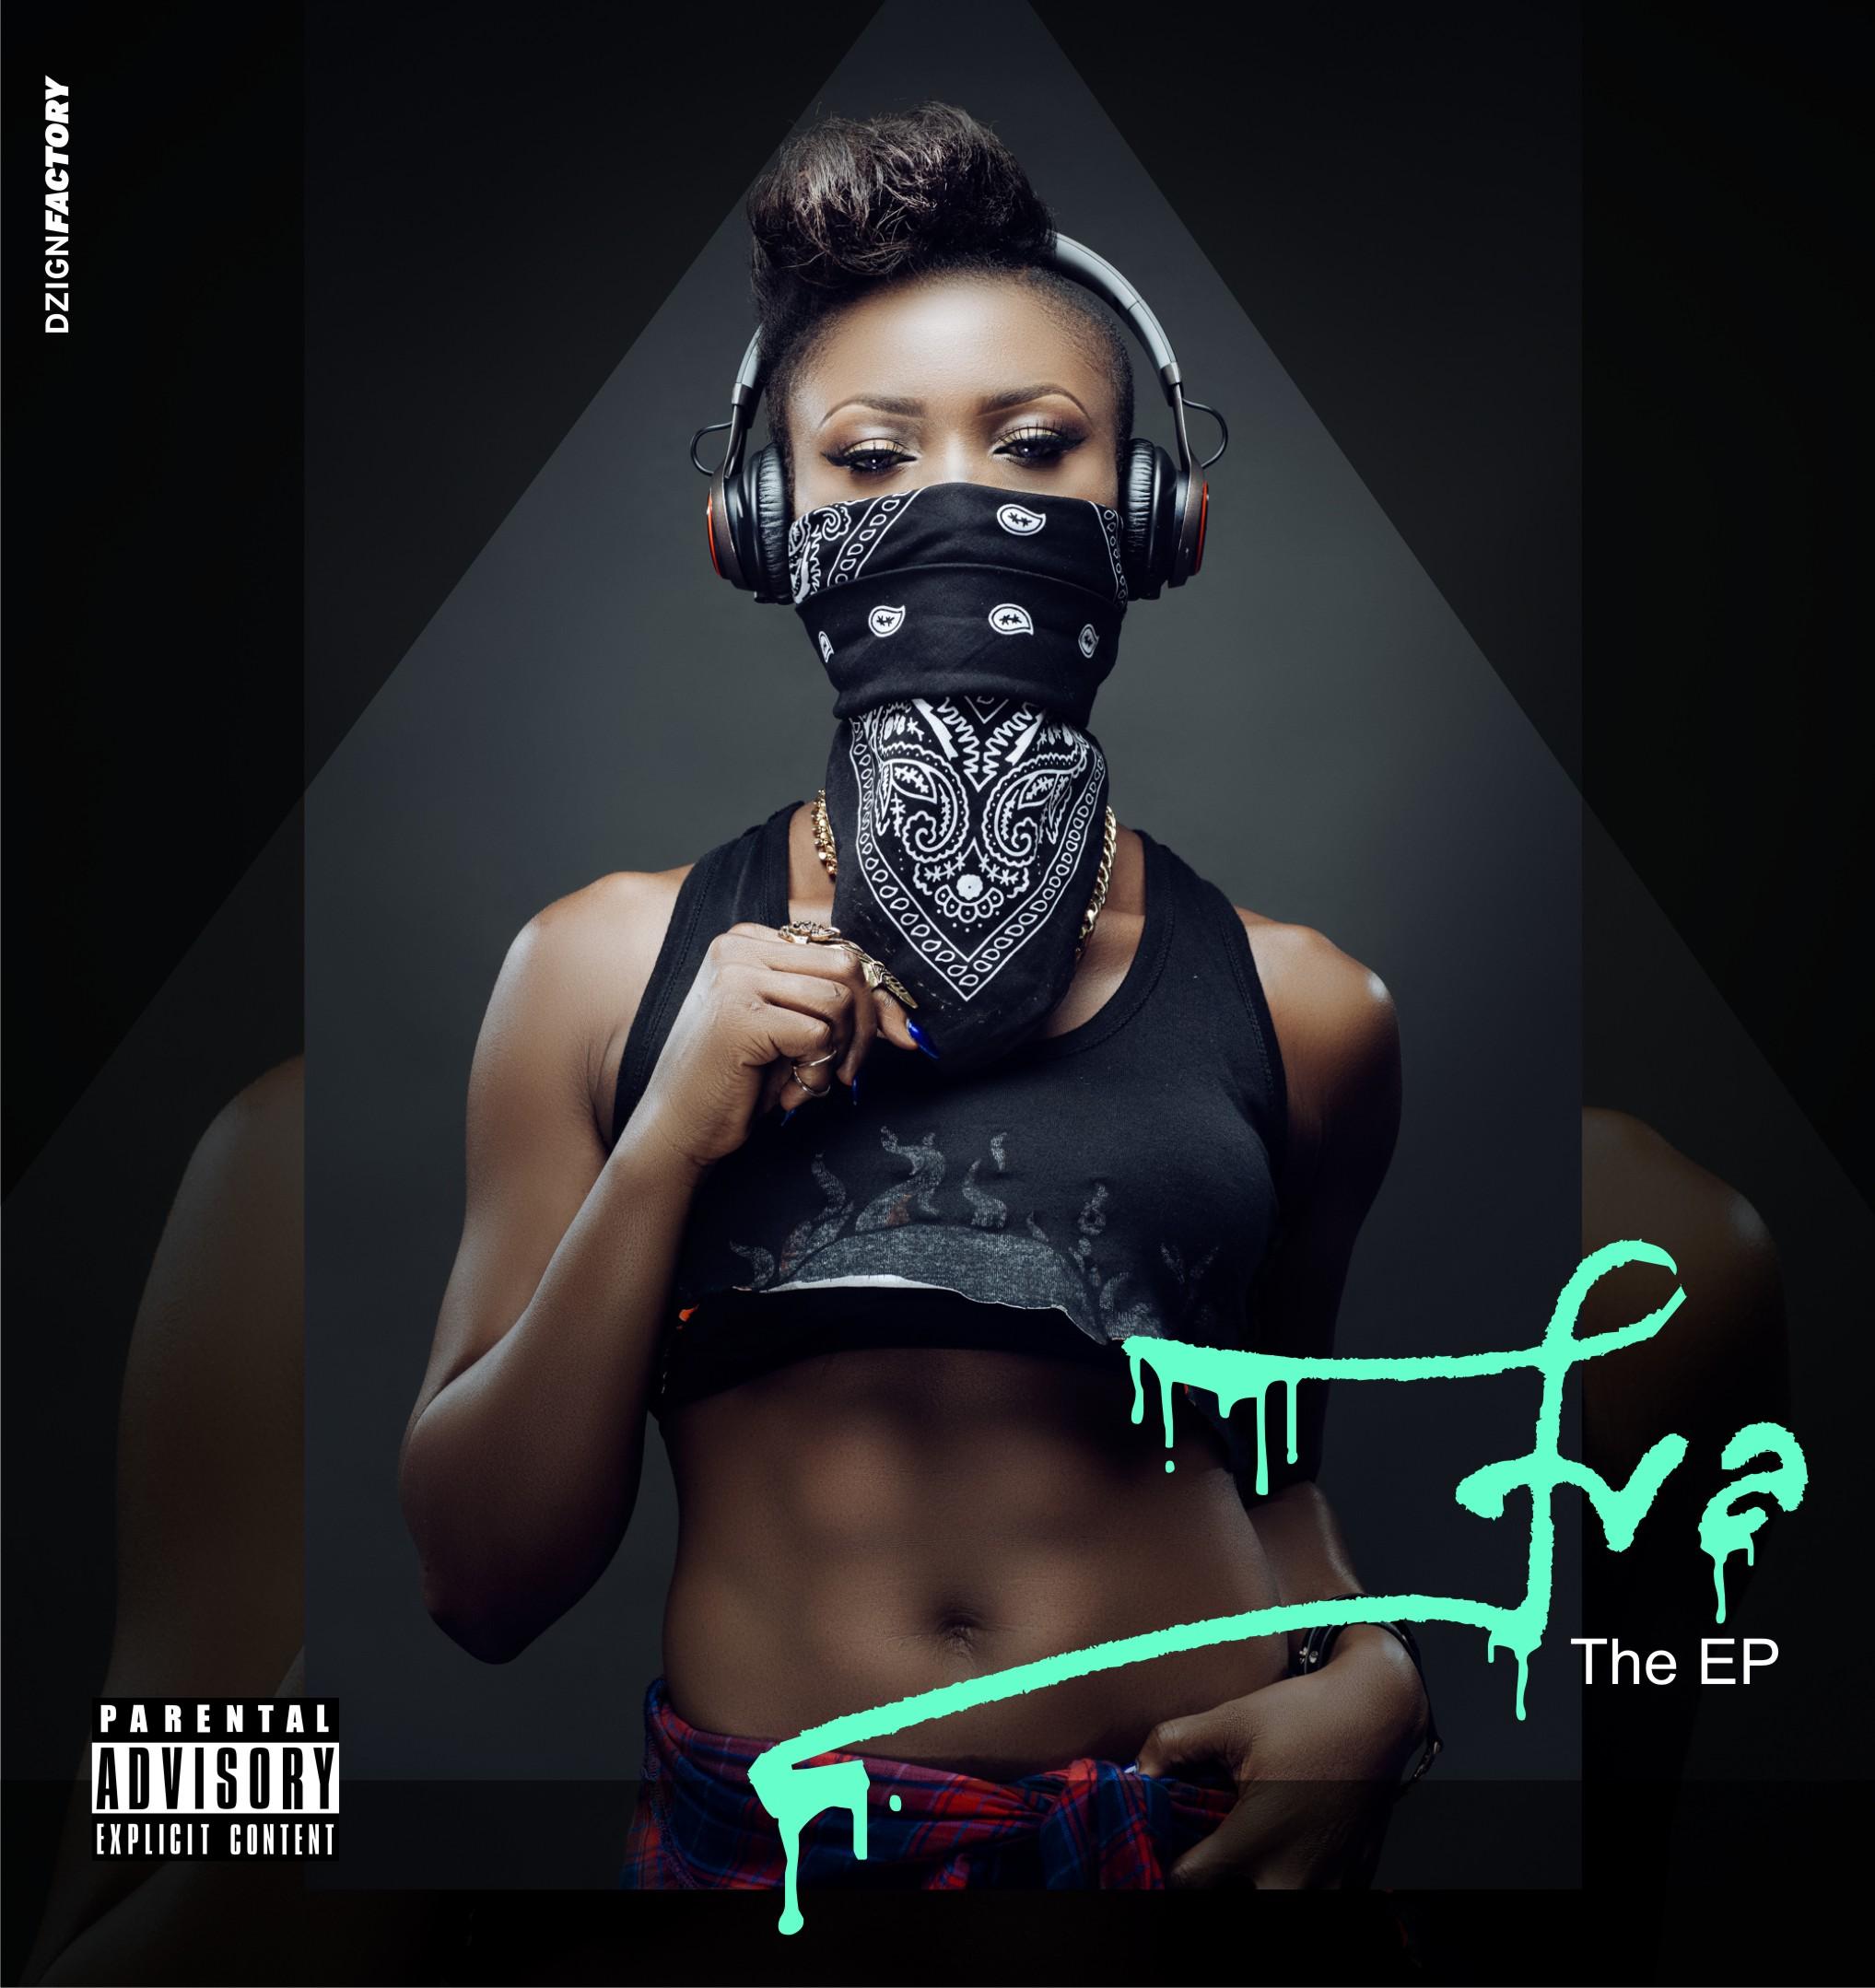 Eva, The EP-tooXclusive.com